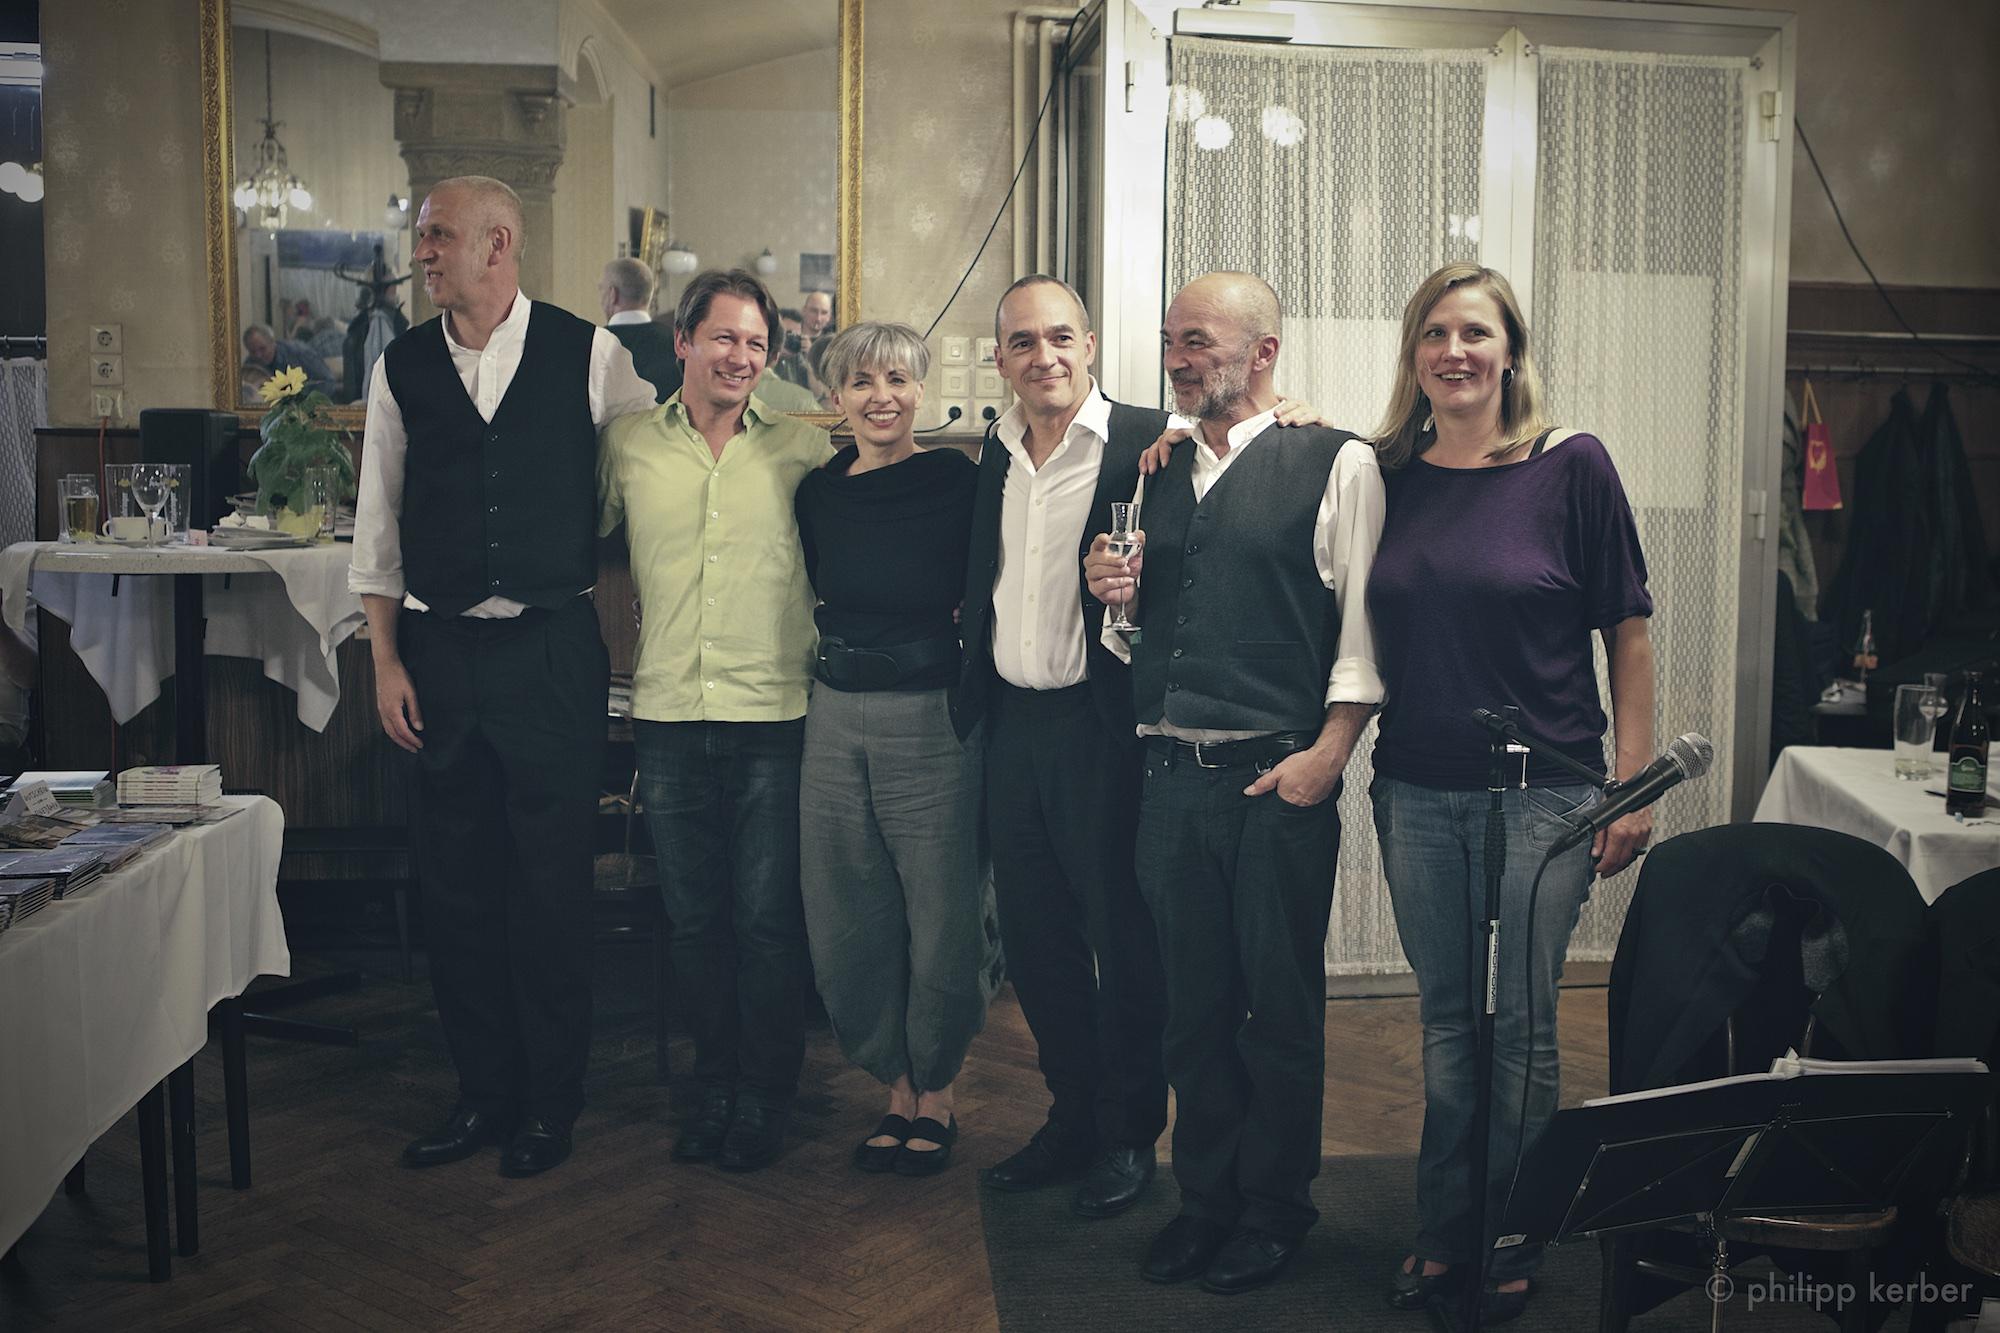 Einedrahn-Geburtstag_Trio-Lepshi_Steinberg-Havlicek_Katharina-Hohenberger_01_PKerber